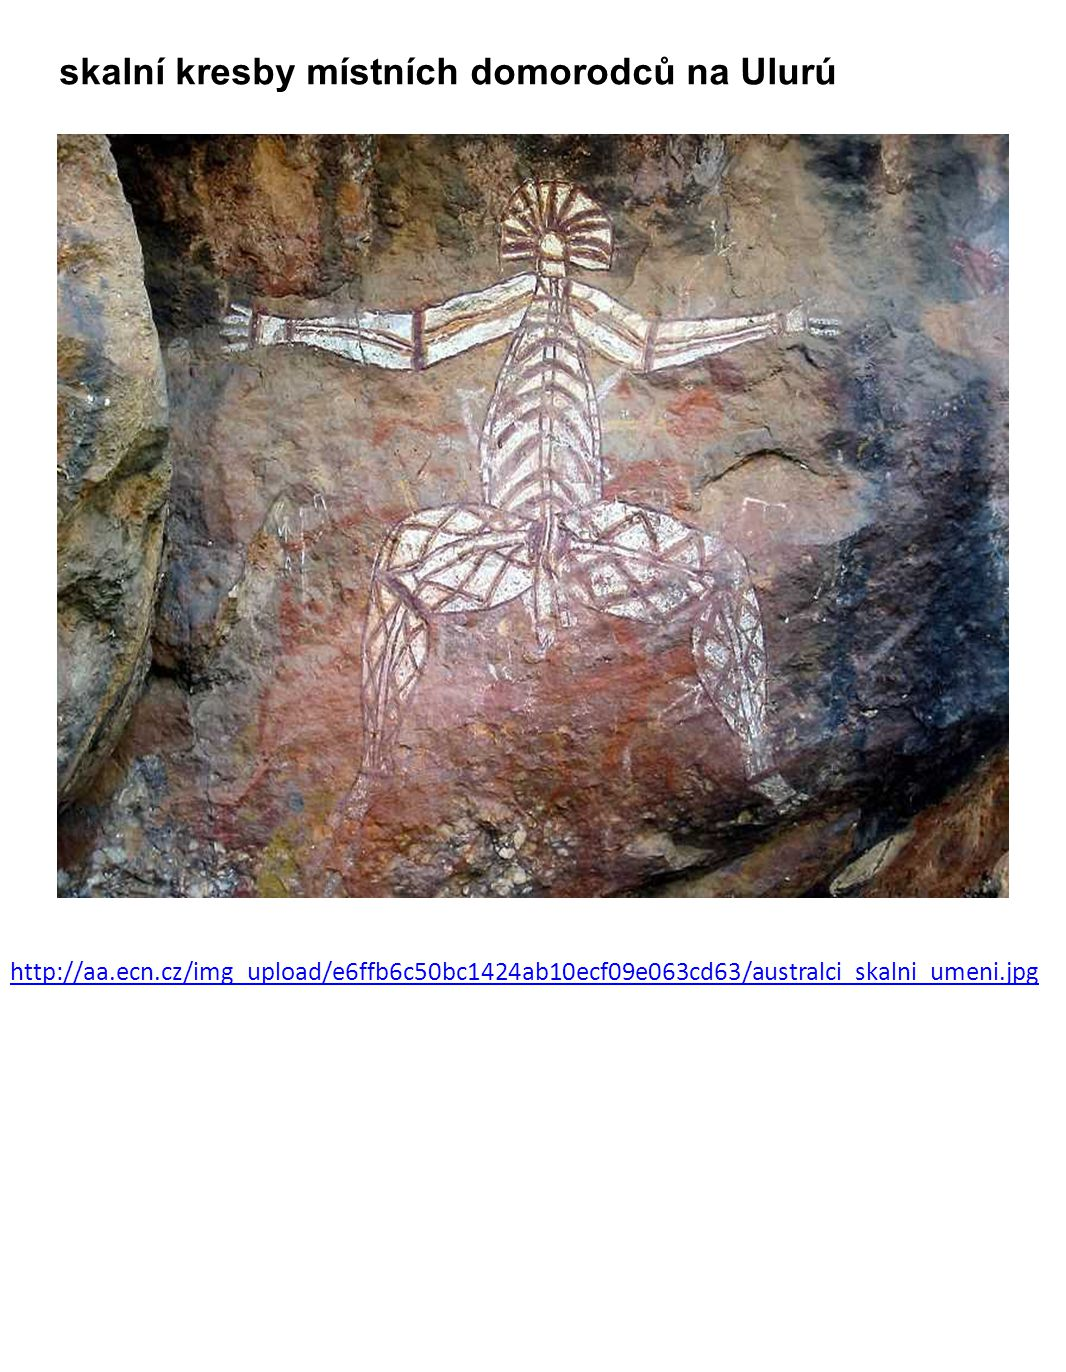 skalní kresby místních domorodců na Ulurú